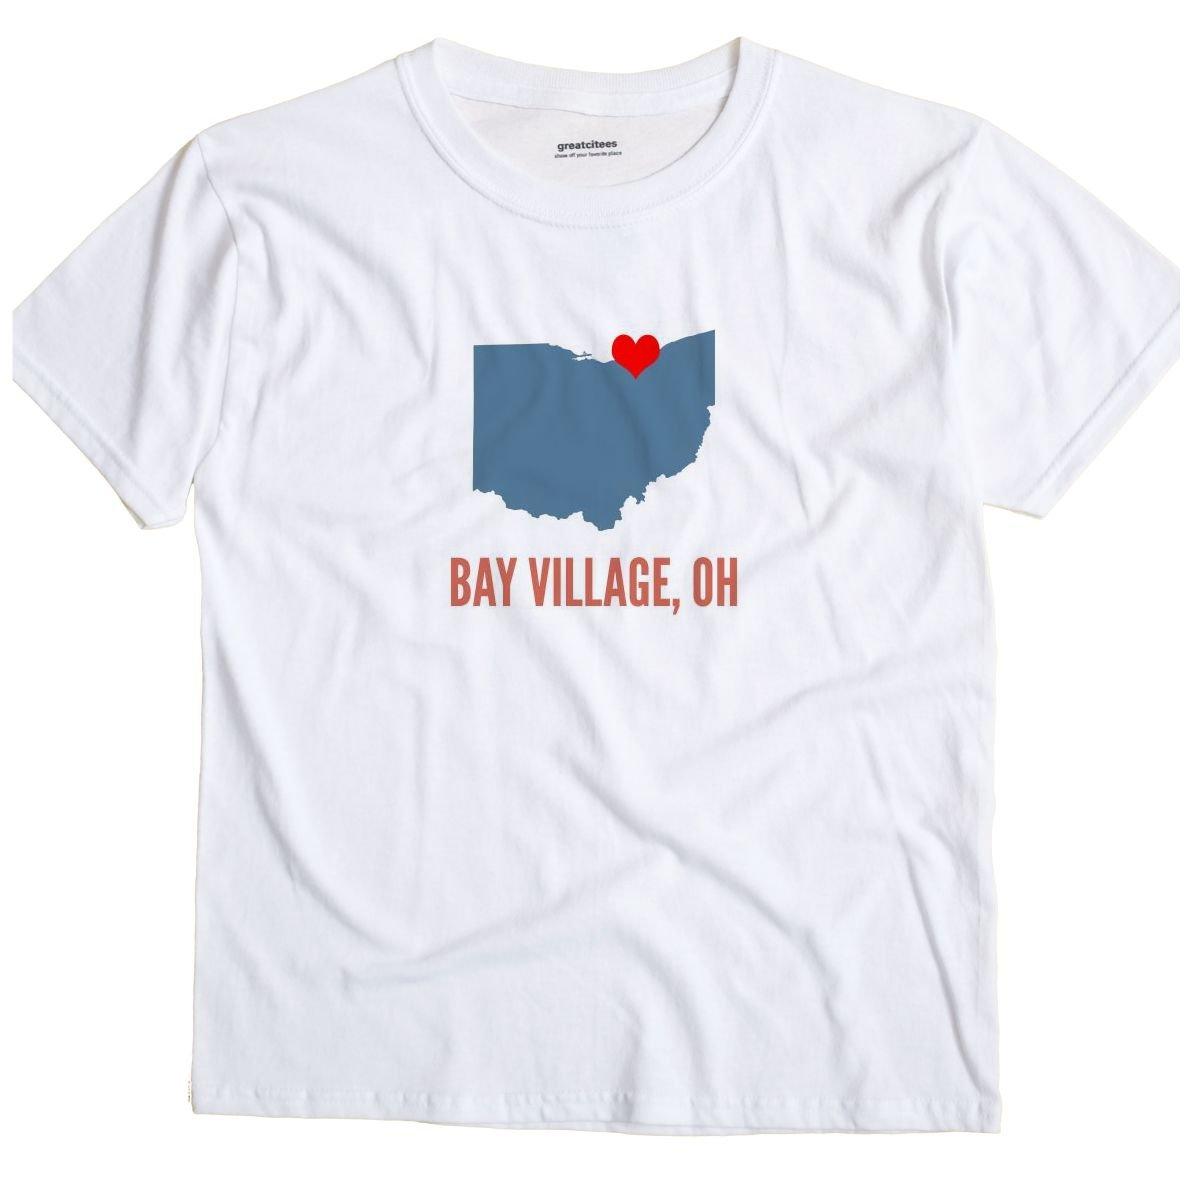 Greatcitees Bay Village Ohio Oh Heart Unisex Souvenir T Shirt